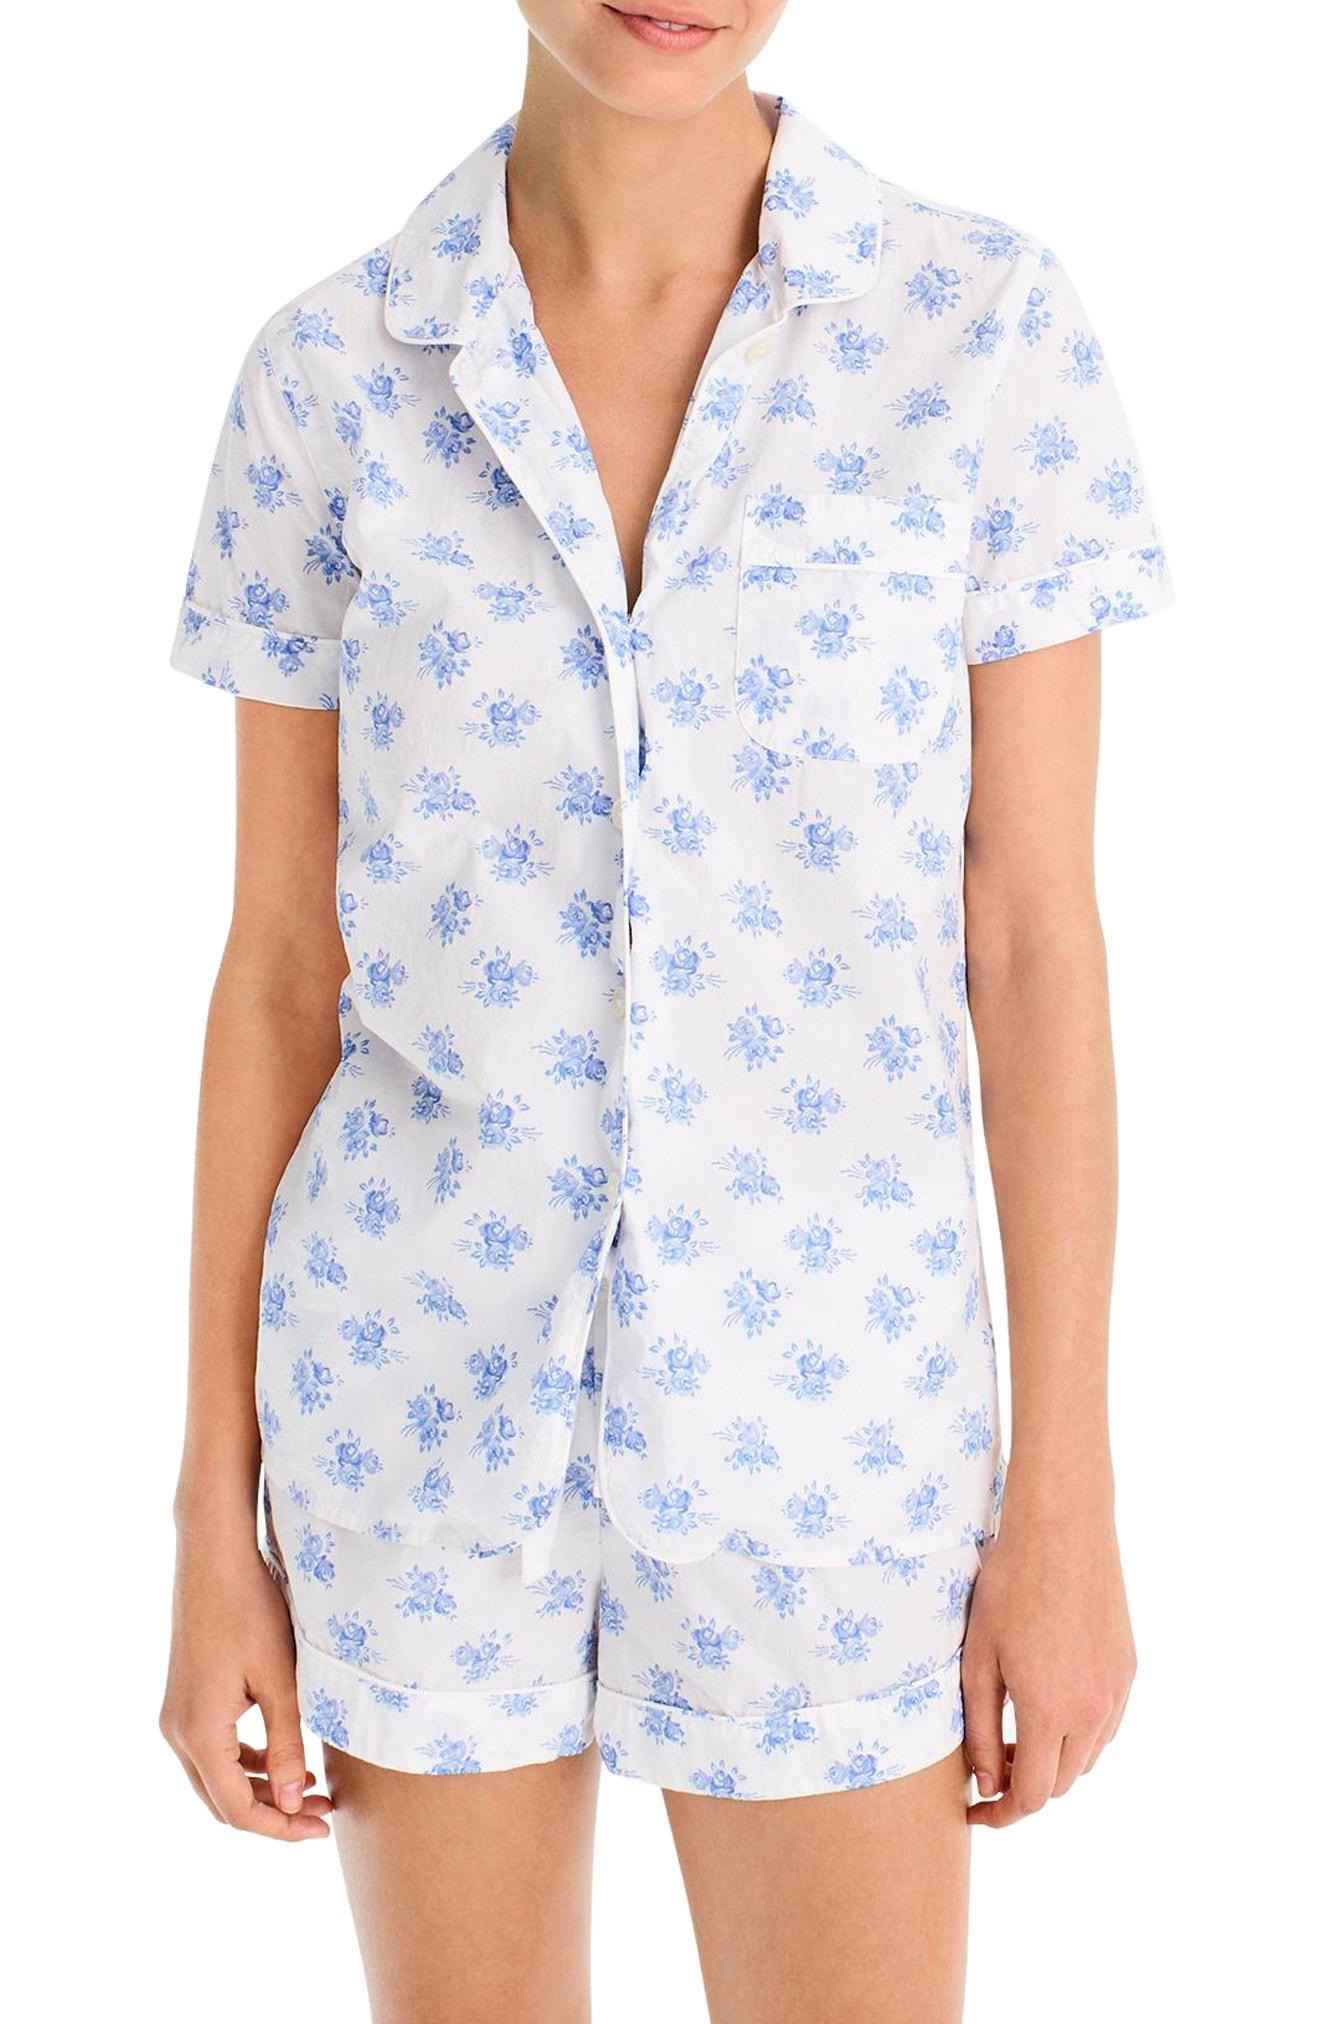 J.Crew Sweet Pea Pajamas (Plus Size)